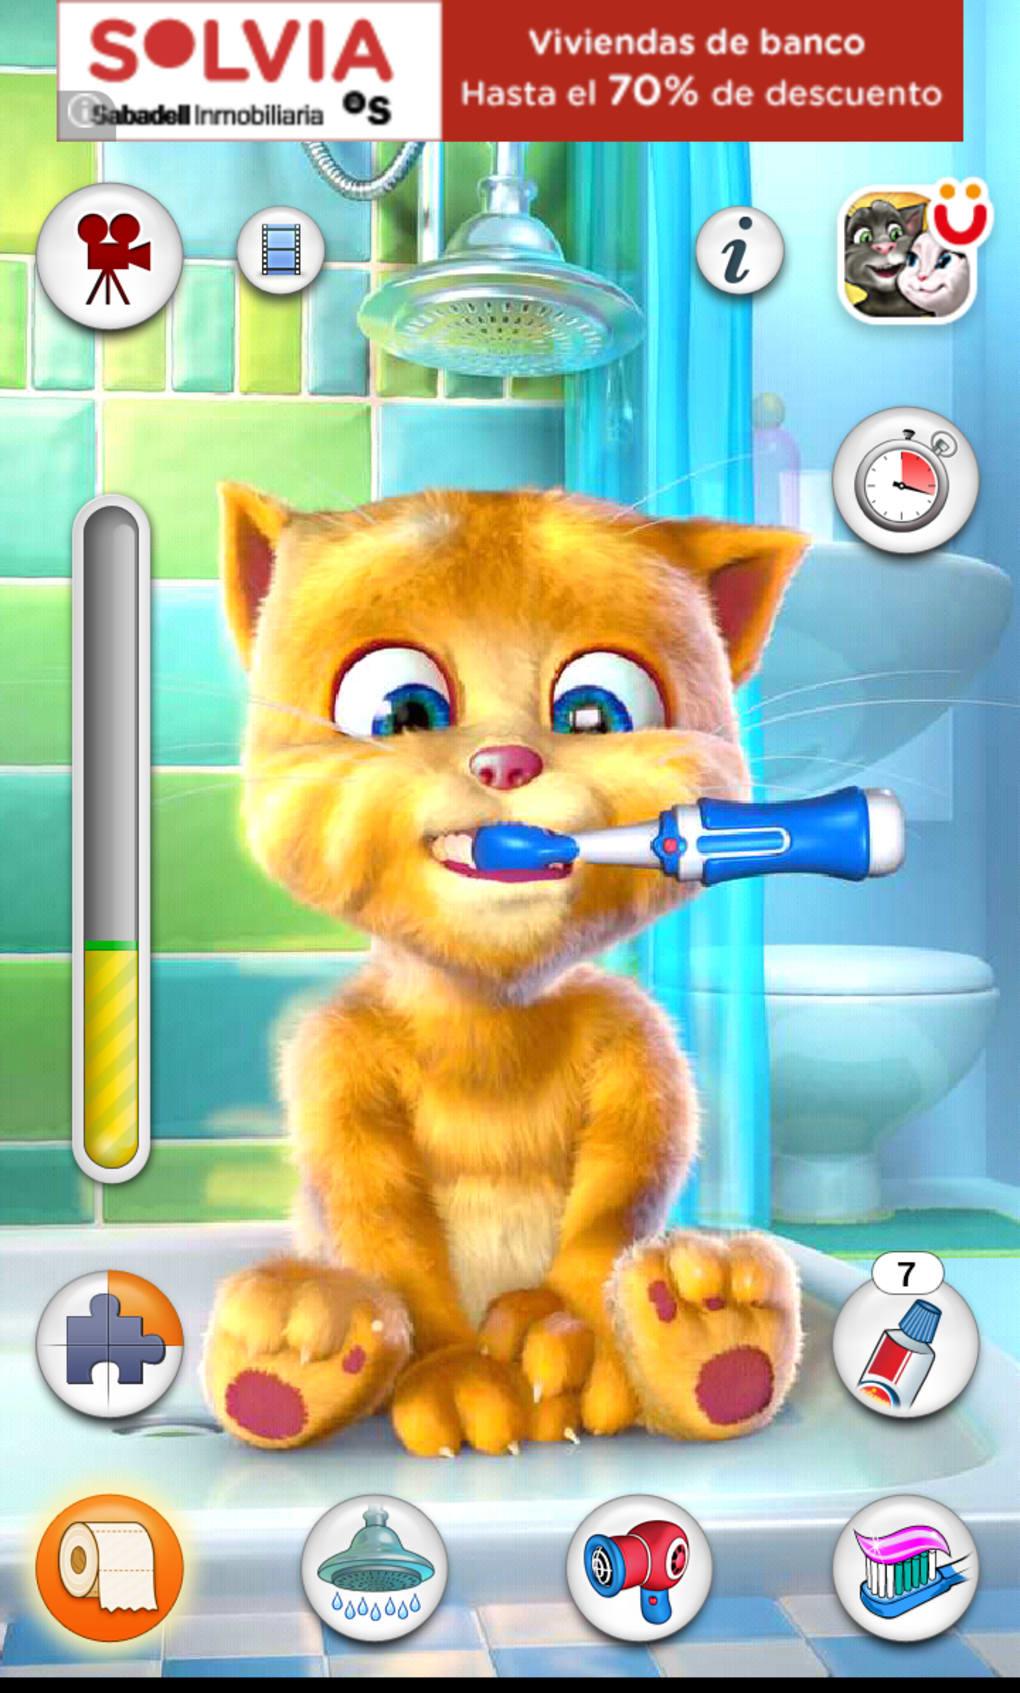 Telecharger tom le chat qui parle sur samsung gratuit